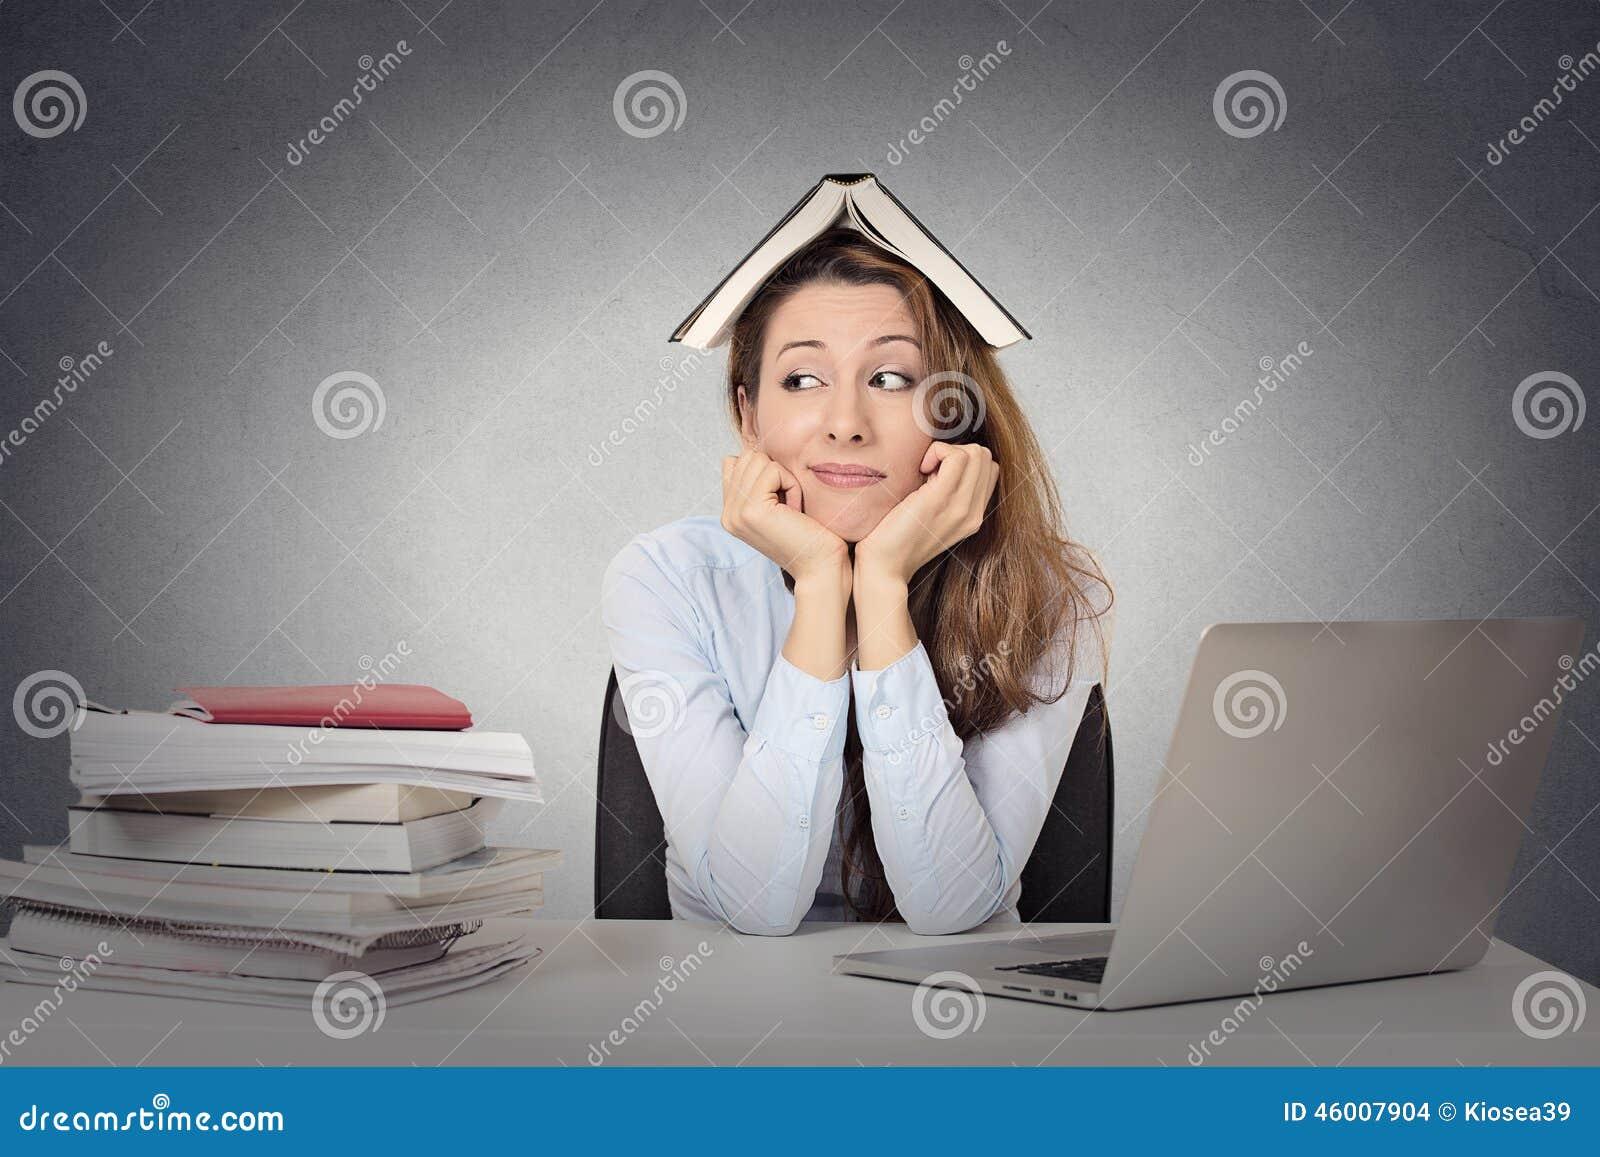 Mujer aburrida, estudiante de mirada divertido con el libro en la cabeza